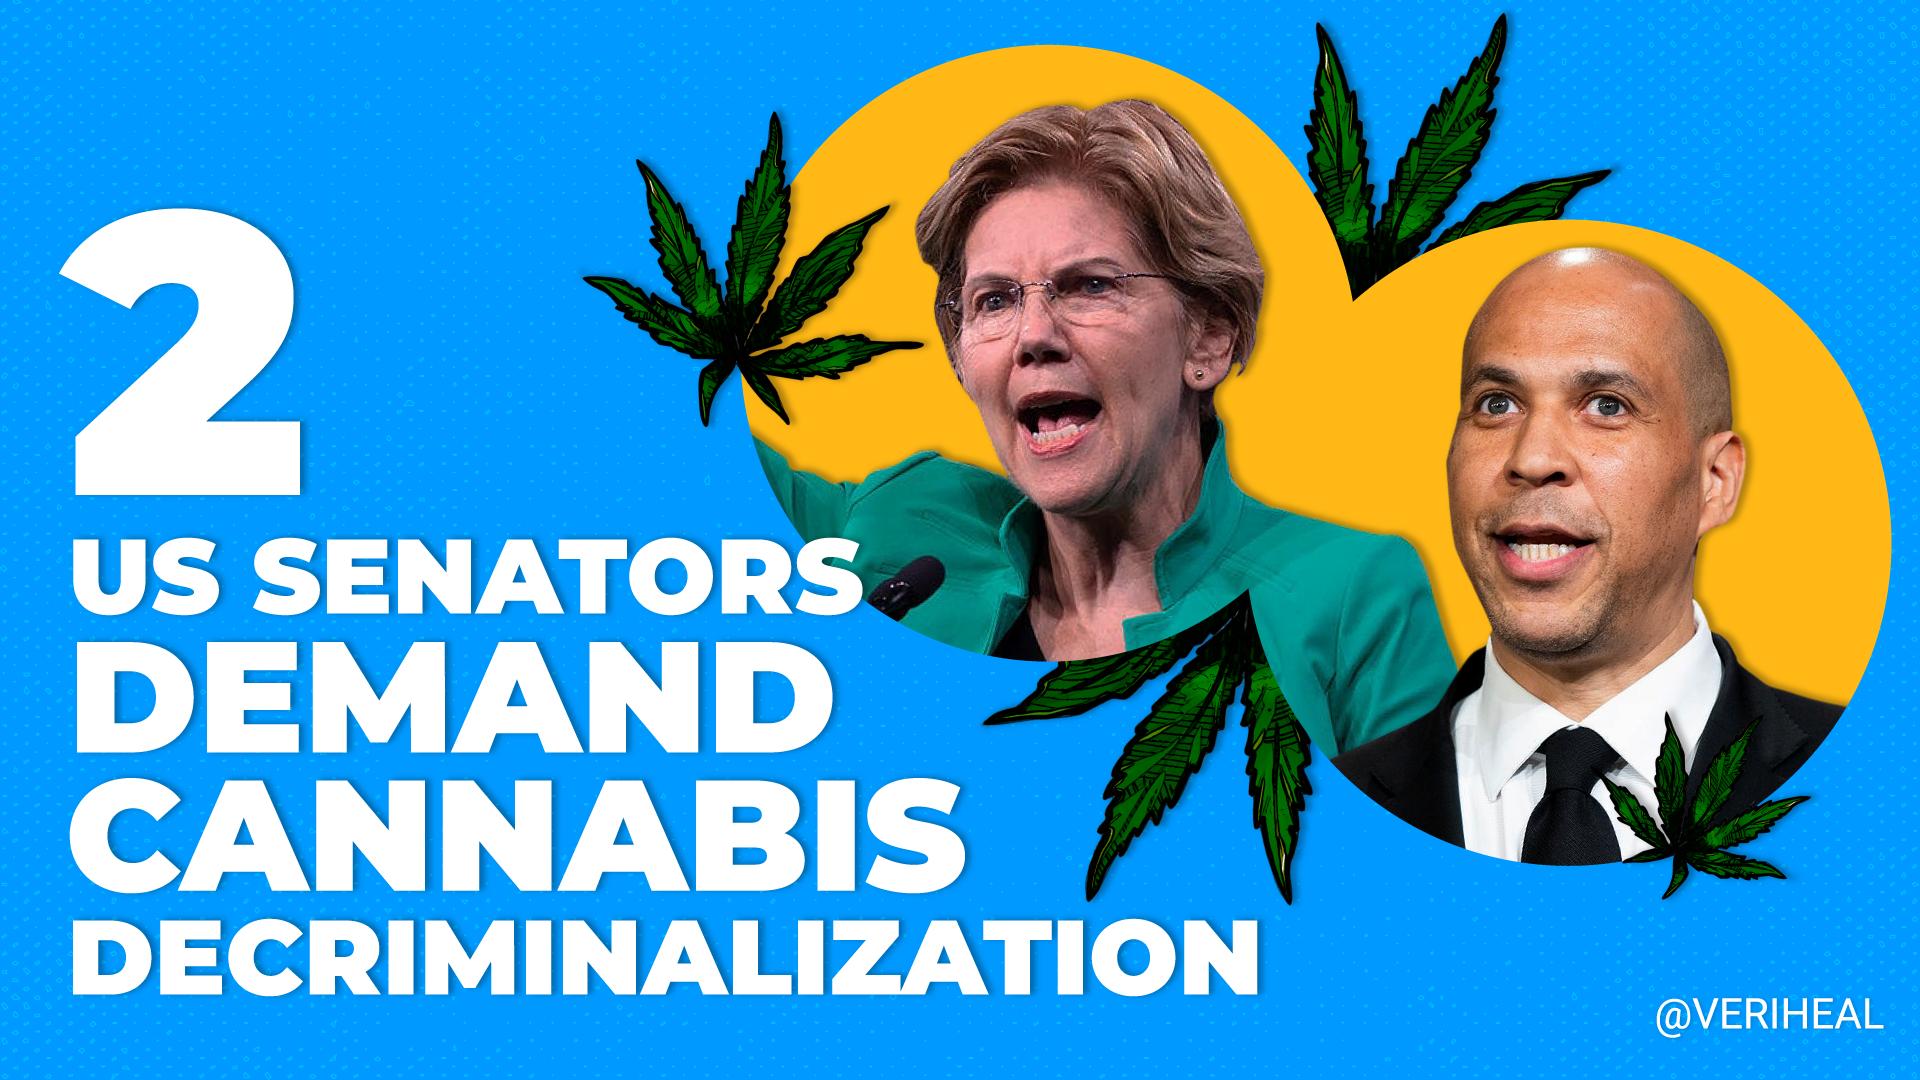 U.S. Senators Urge DOJ To Decriminalize Cannabis